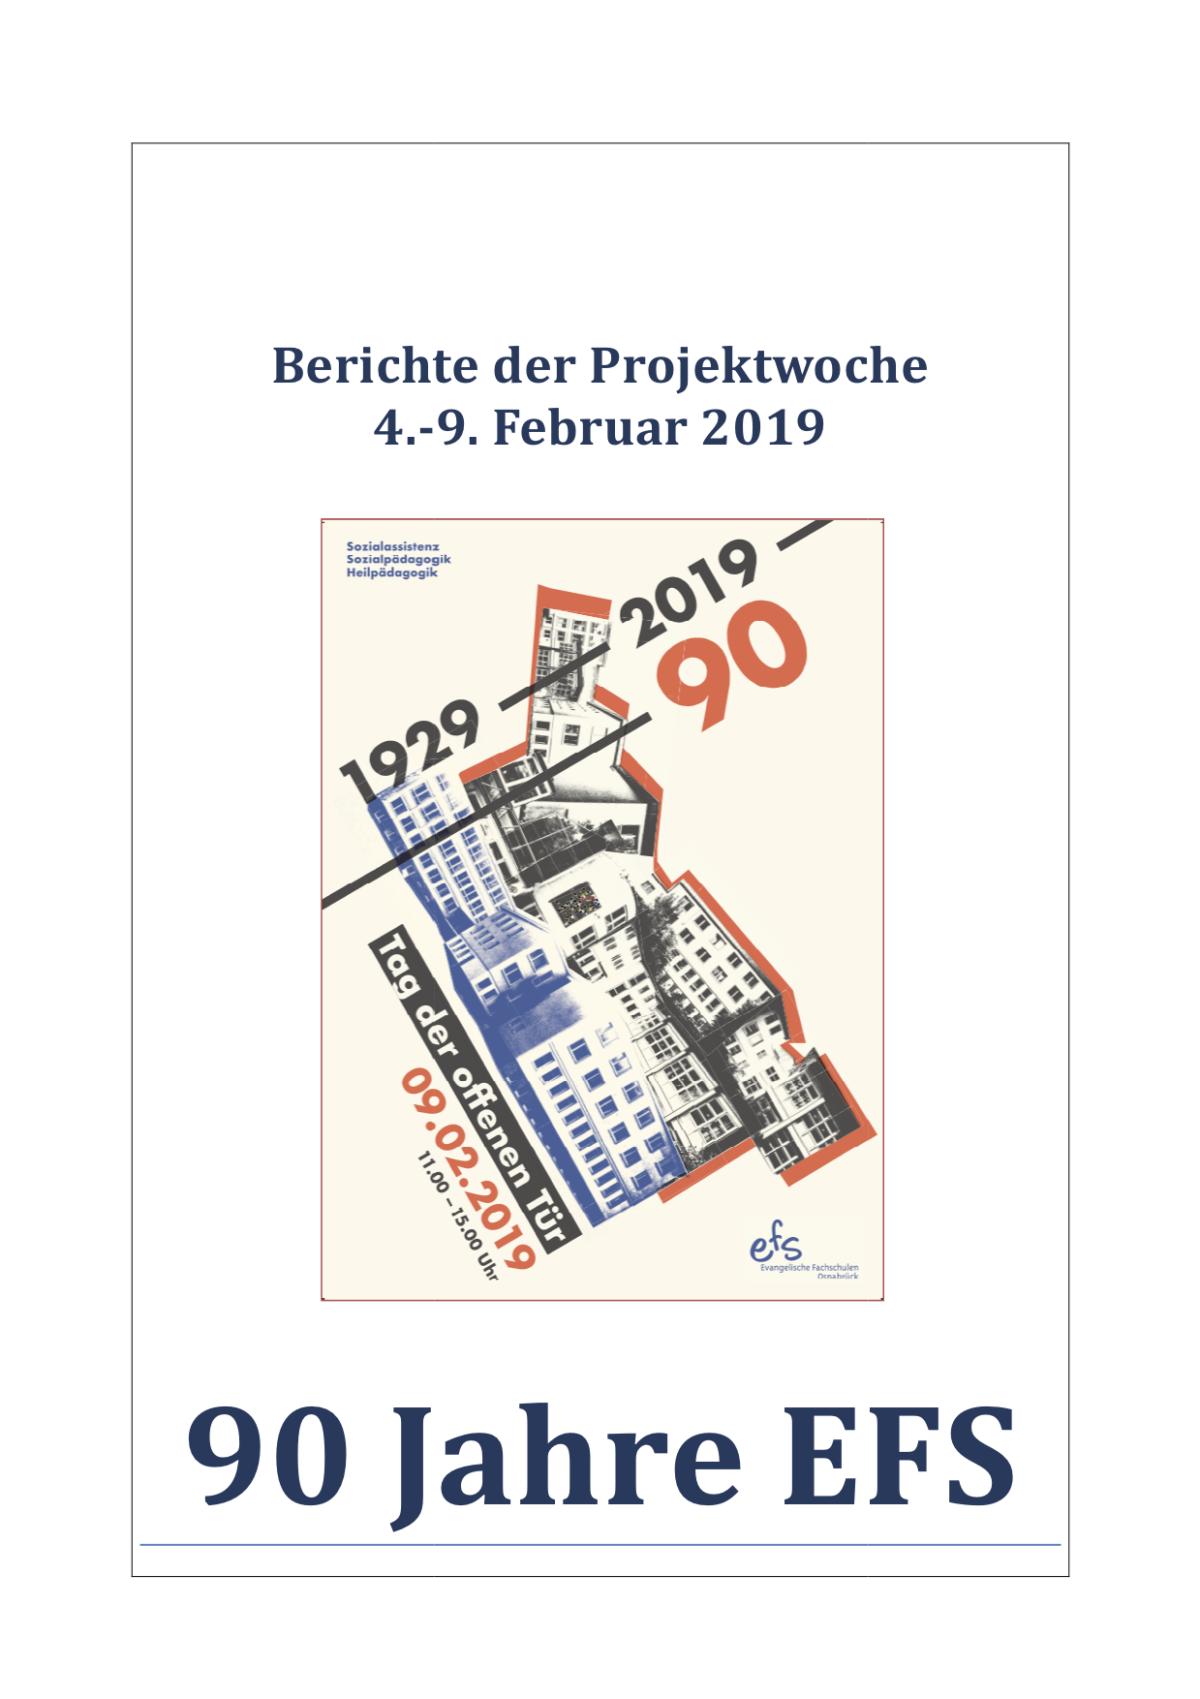 """Dokumentation der Projektwoche """"90 Jahre EFS"""" fertig!"""